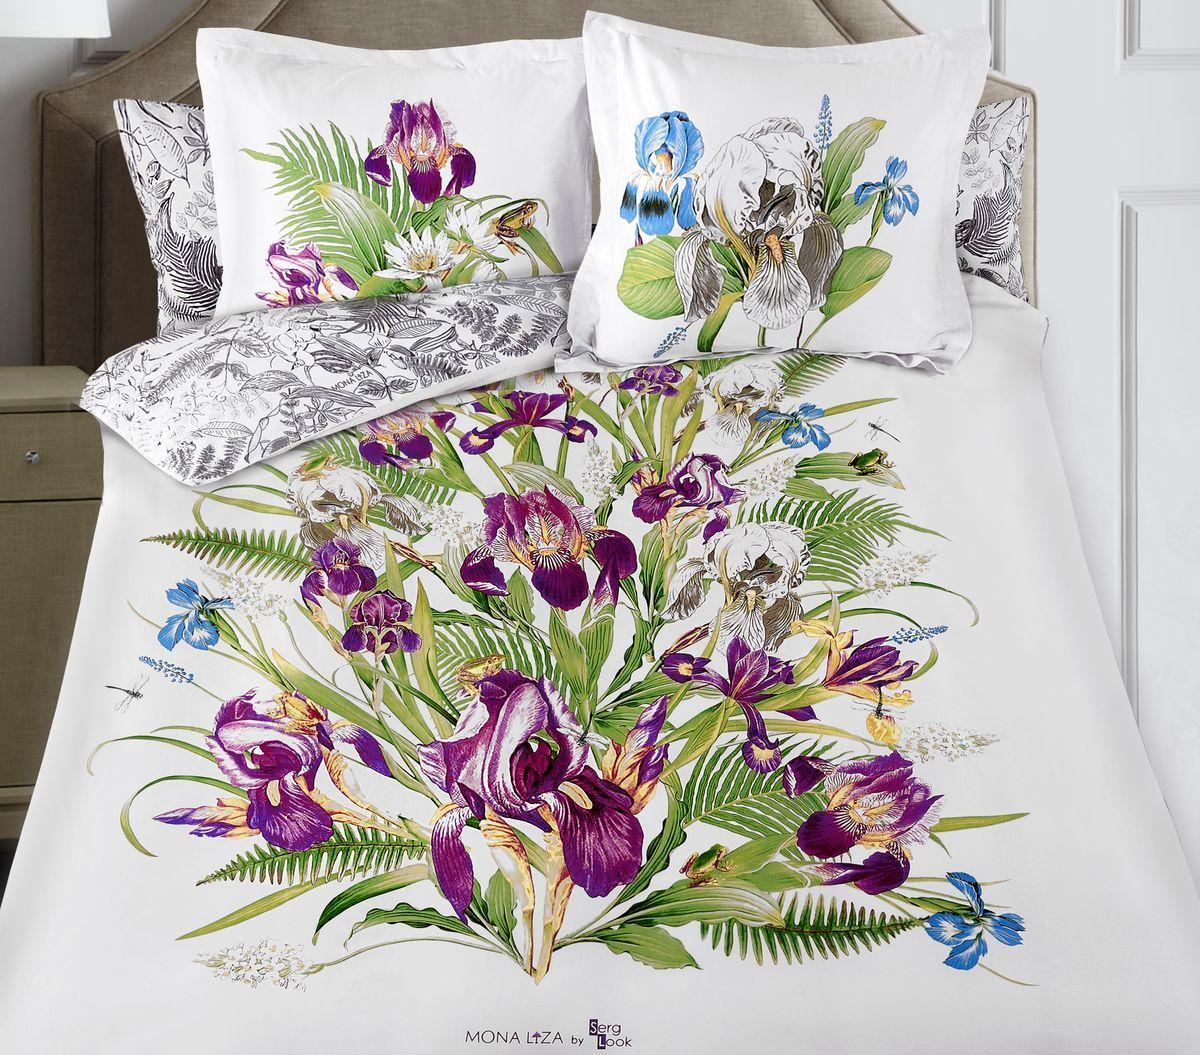 Комплект белья Mona Liza Iris, евро, наволочки 50x70, 70x70Д Дачно-Деревенский 20Флоральные мотивы редких экзотических цветов, переведенные в паттерн, позаимствованы из путешествий по тропическим лесам, будоражат воображение природными сочетаниями цветовых палитр и роскошью принтов. Коллекция принесет в ваш дом незабываемое настроение и добавит колорит. Высококачественный сатин окутает и позволит раствориться в мечтах о дальних жарких странах и окунуться во время вечного лета!